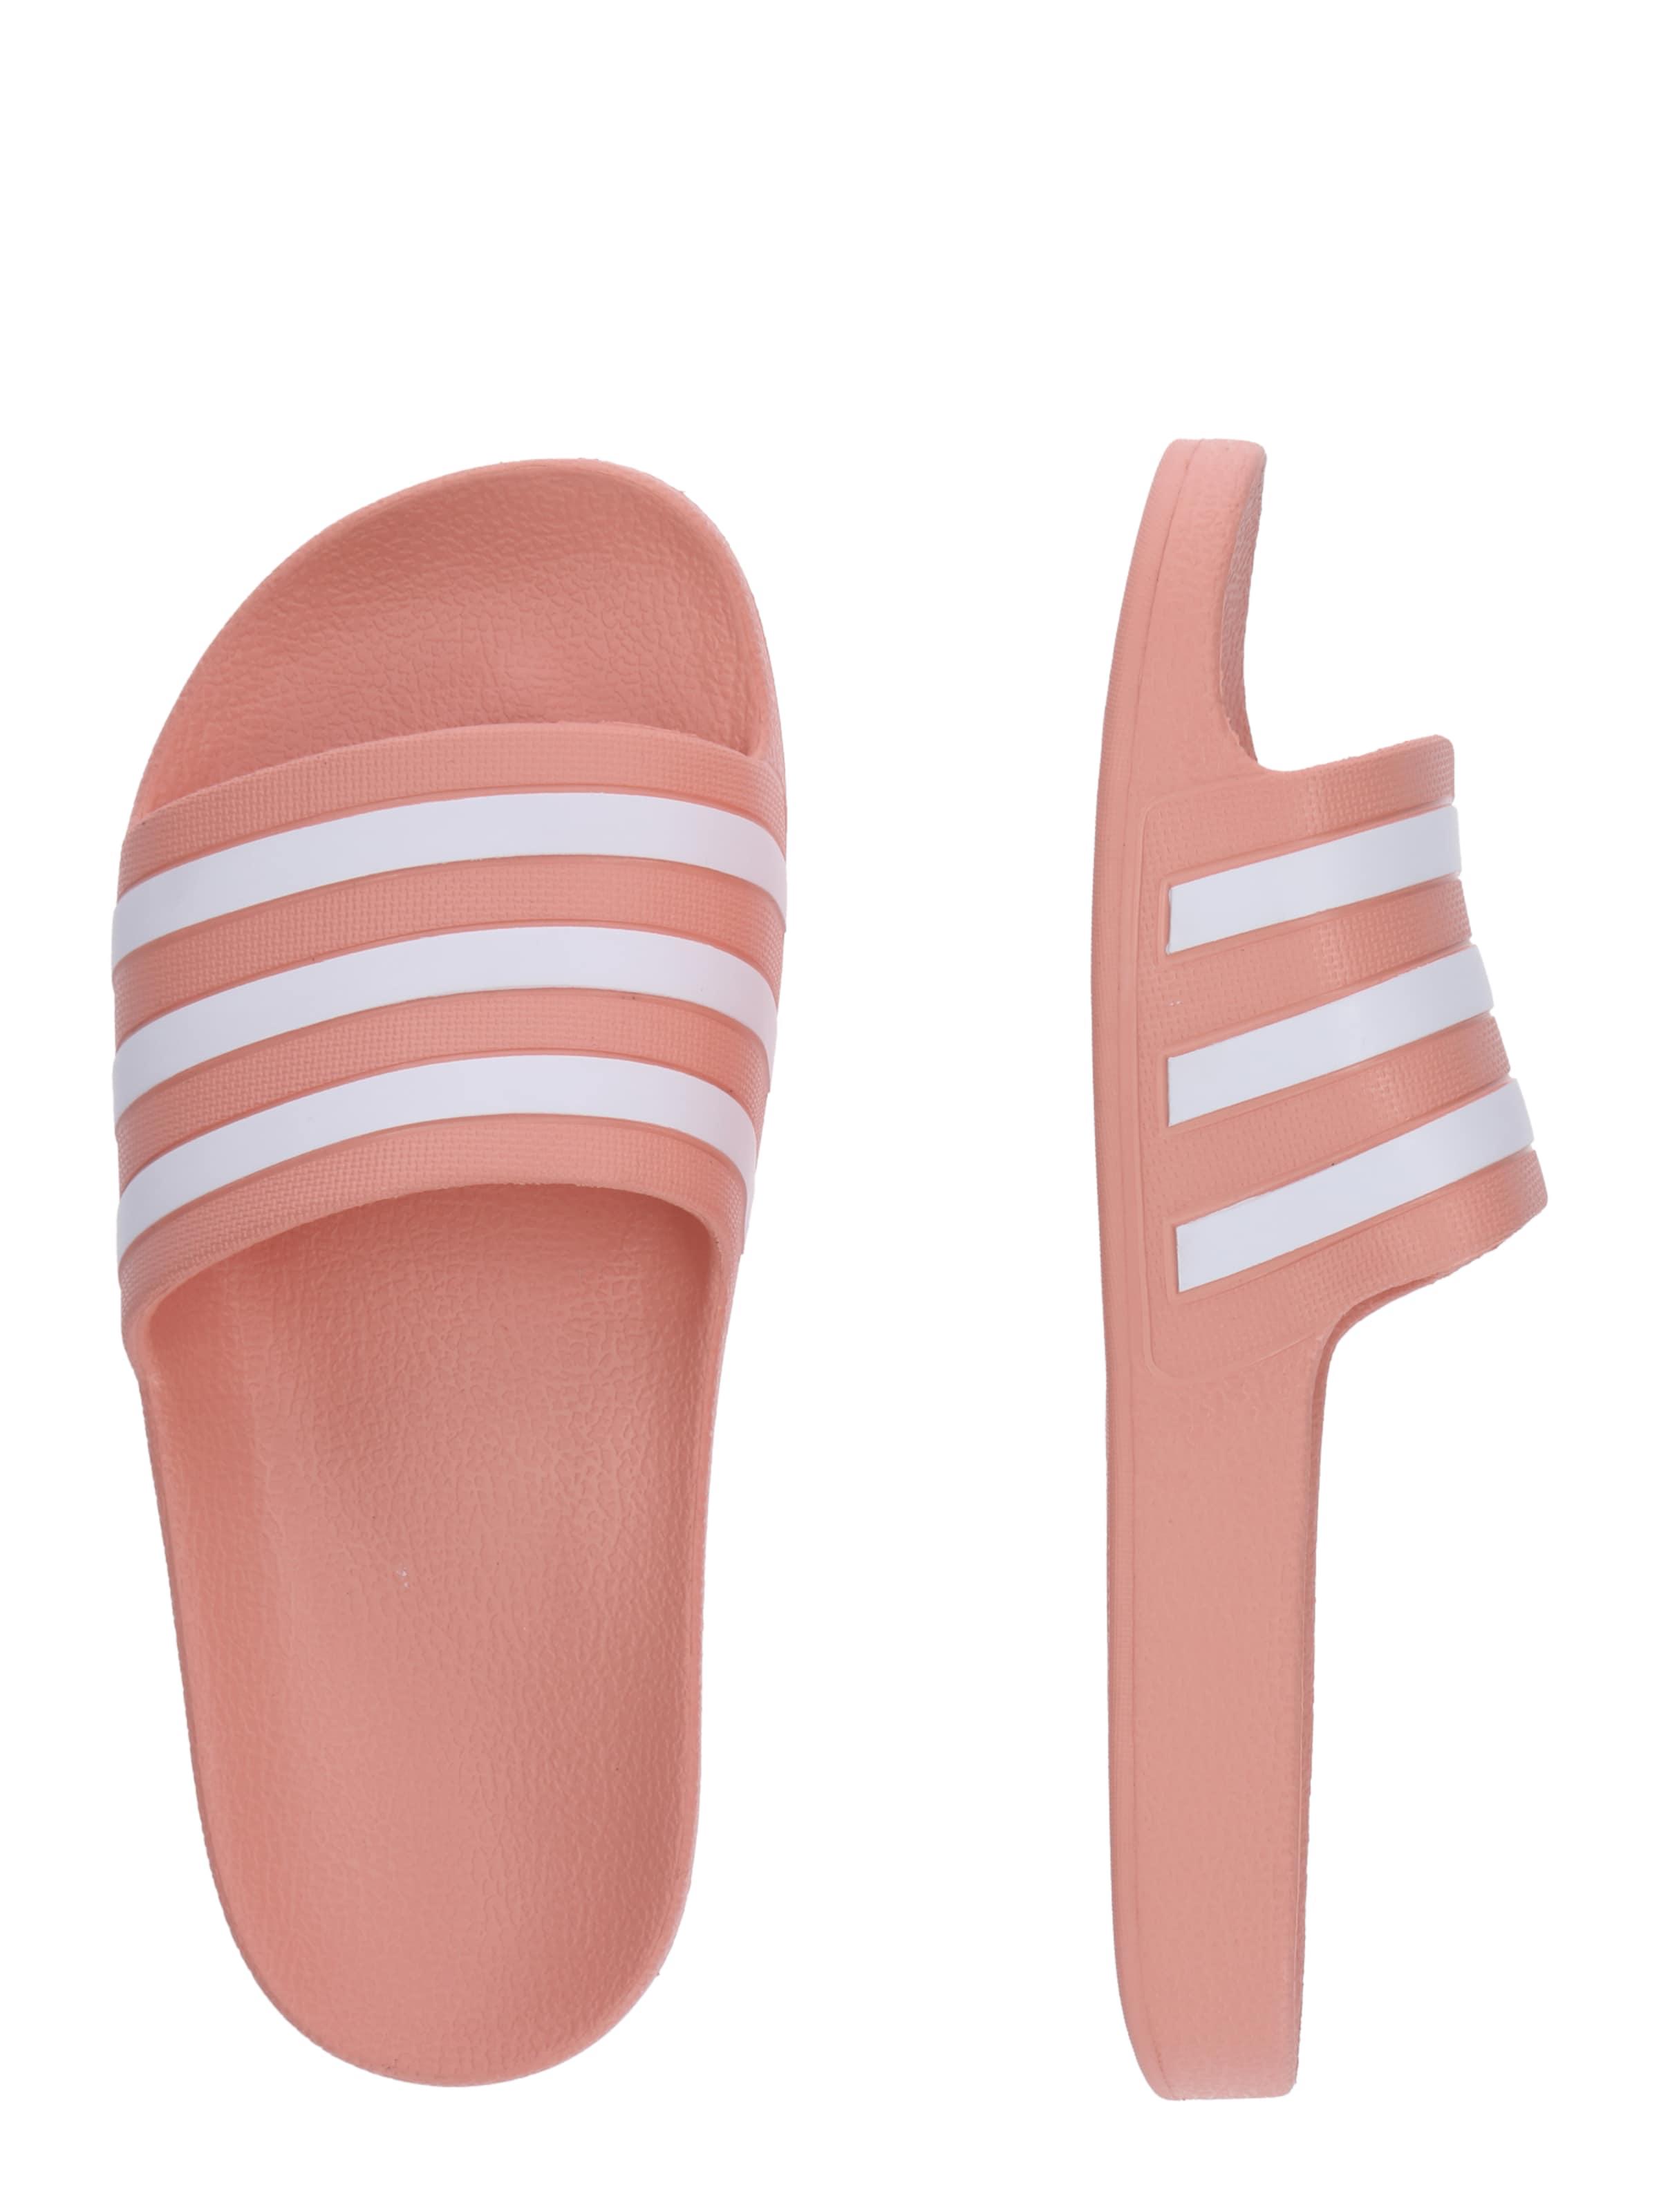 Adidas Aqua' In Pantolette Originals RosaWeiß 'adilette IbDH9WE2Ye